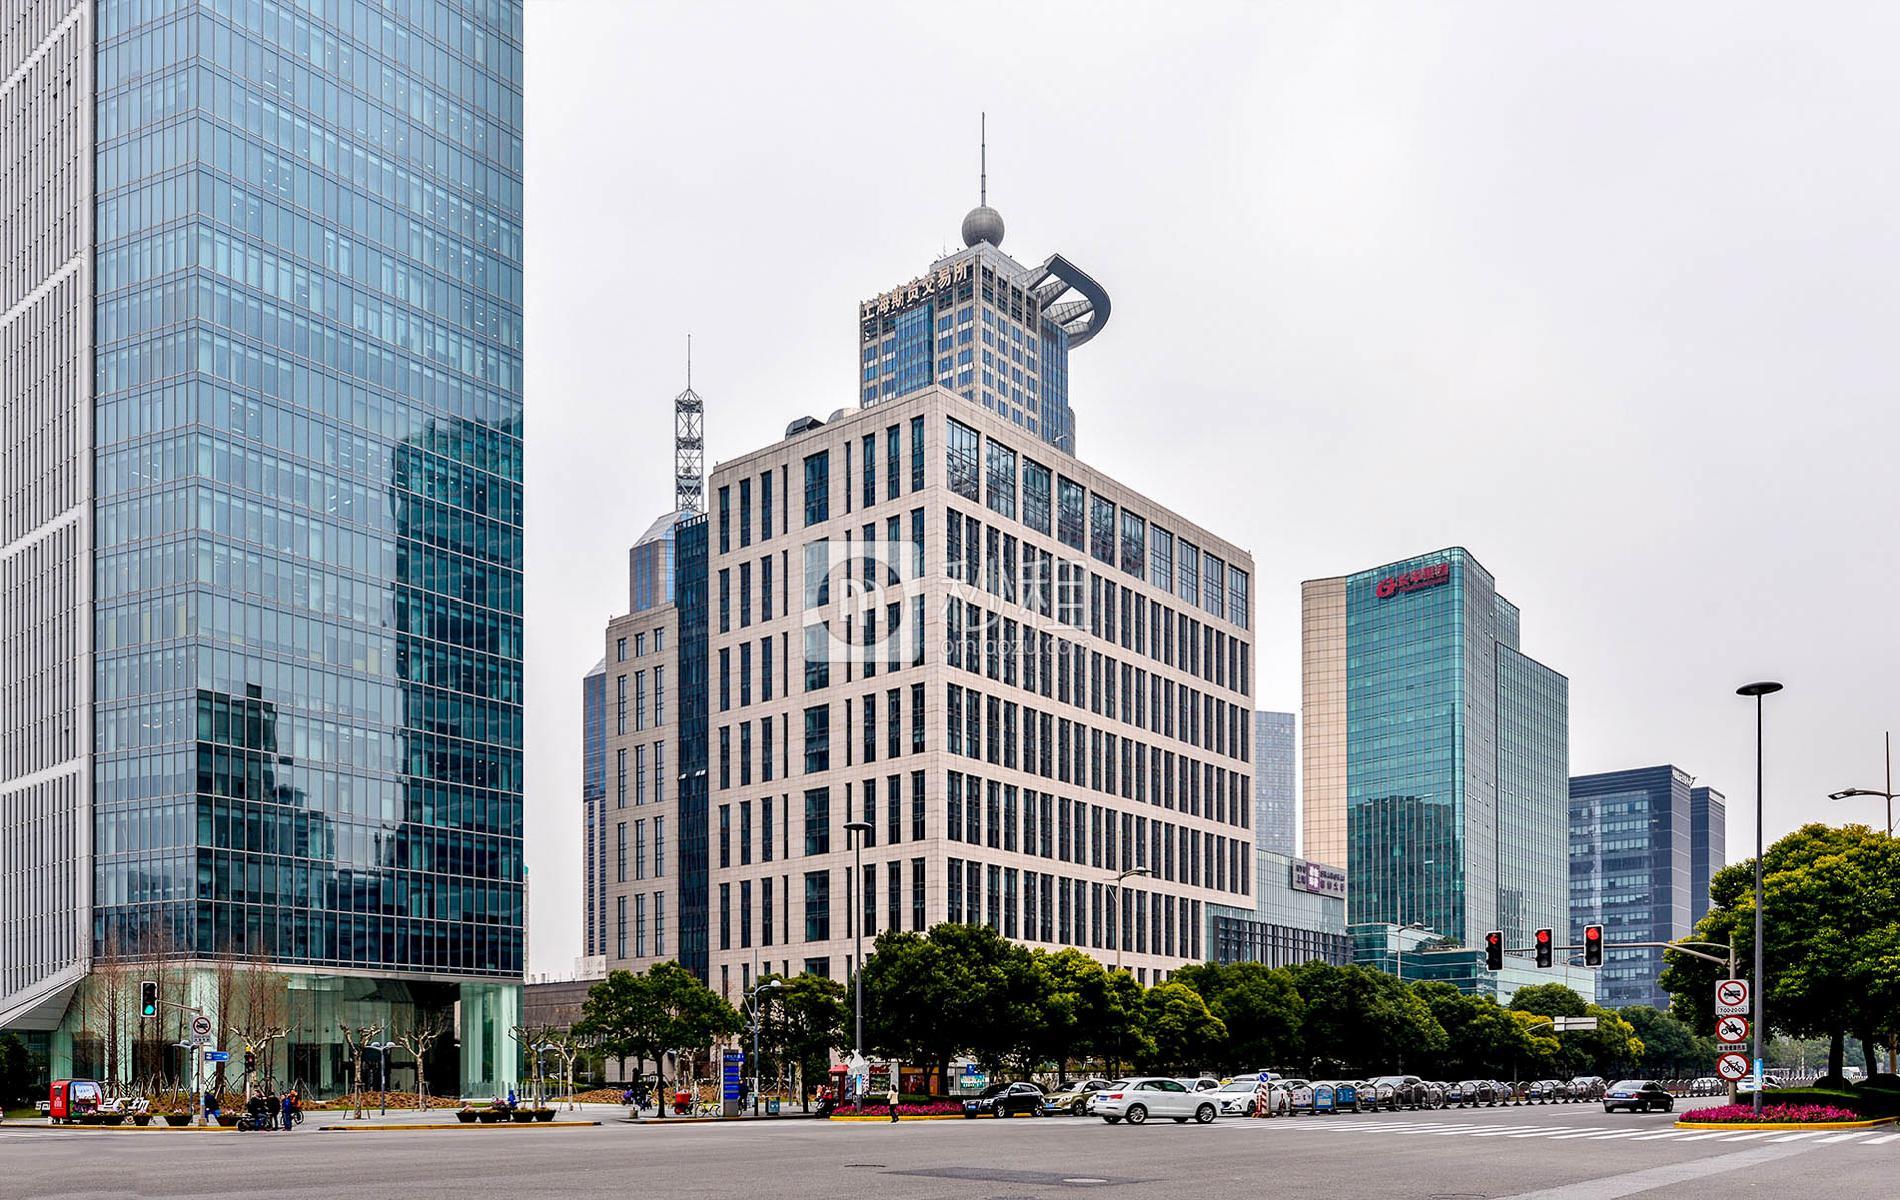 上海纽约大学写字楼出租/招租/租赁,上海纽约大学办公室出租/招租/租赁